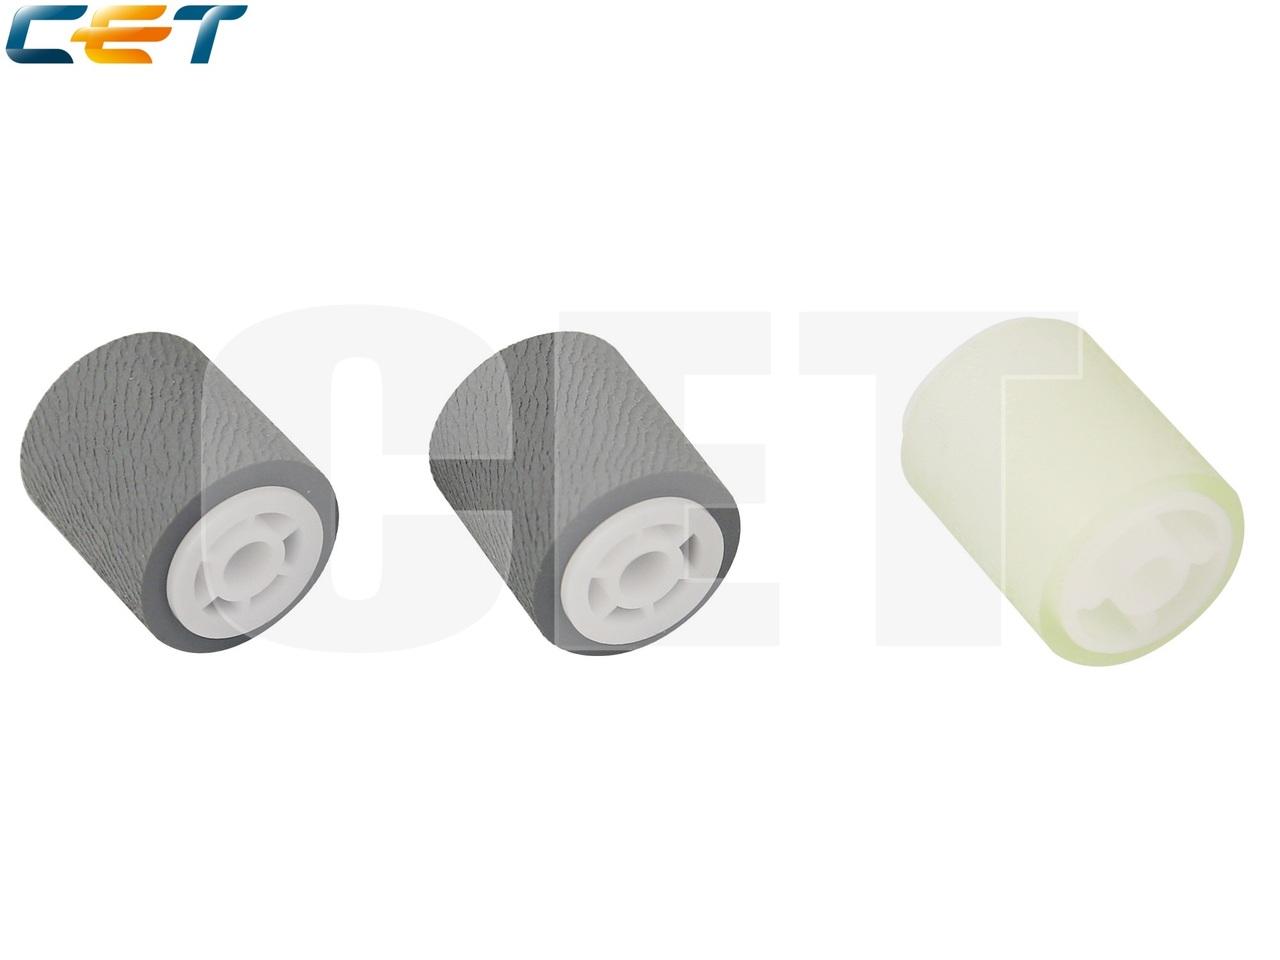 Комплект роликов подачи ADF 6LH06996000 для TOSHIBAE-Studio 5520C/6530C/6540C/6550C/655/755 (CET), CET6807